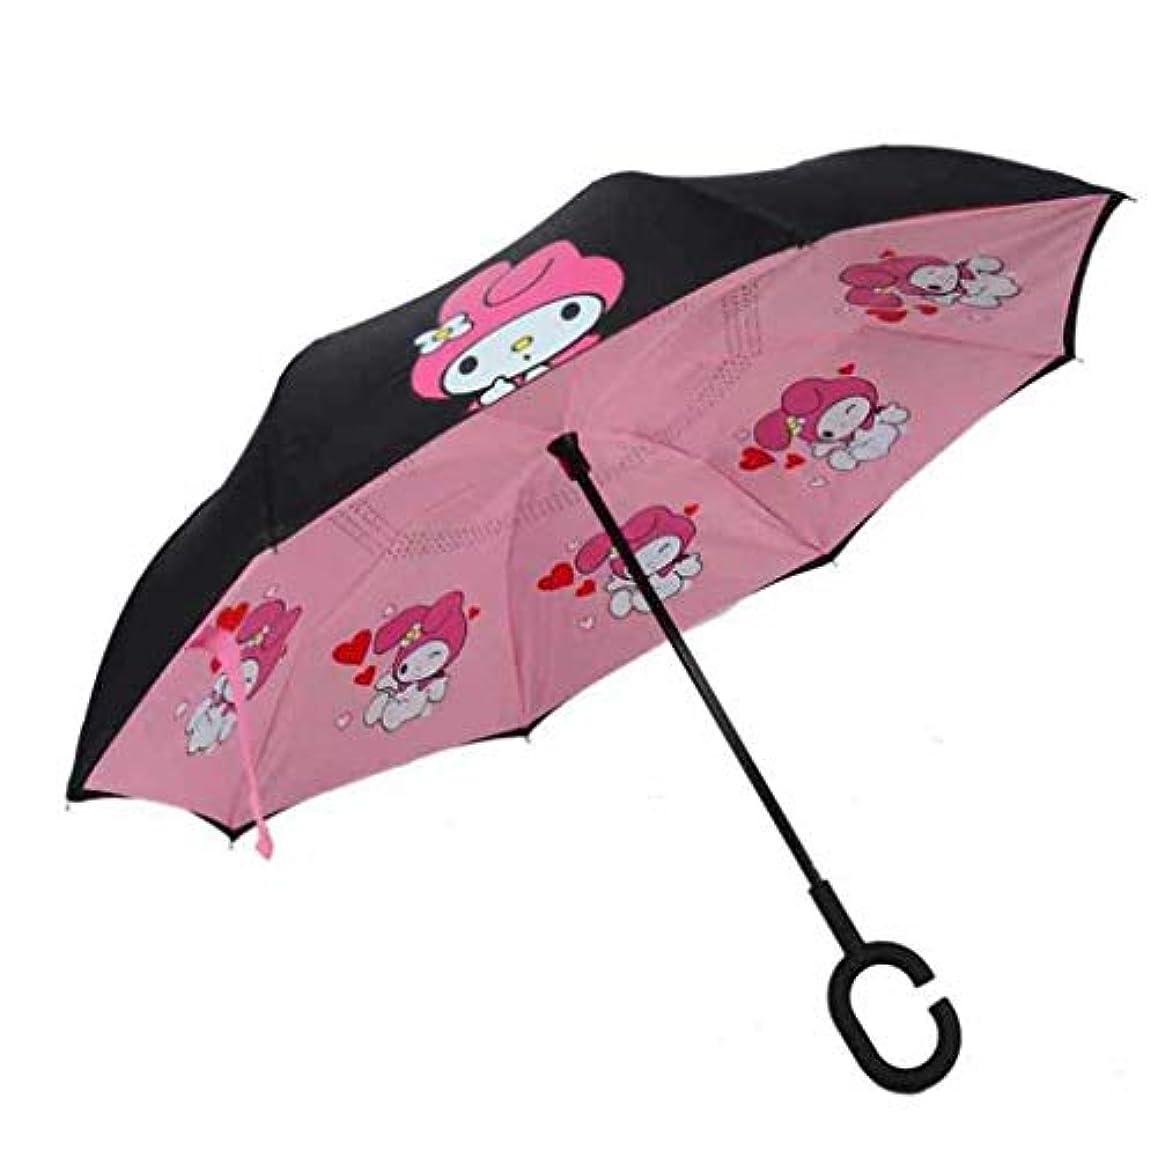 マウントバンク準拠洗剤傘、子供のための傘の子供、子供のための傘の子供、子供のための傘を倒す、フックCハンドル付き傘の子供、漫画の傘の子供たち,B